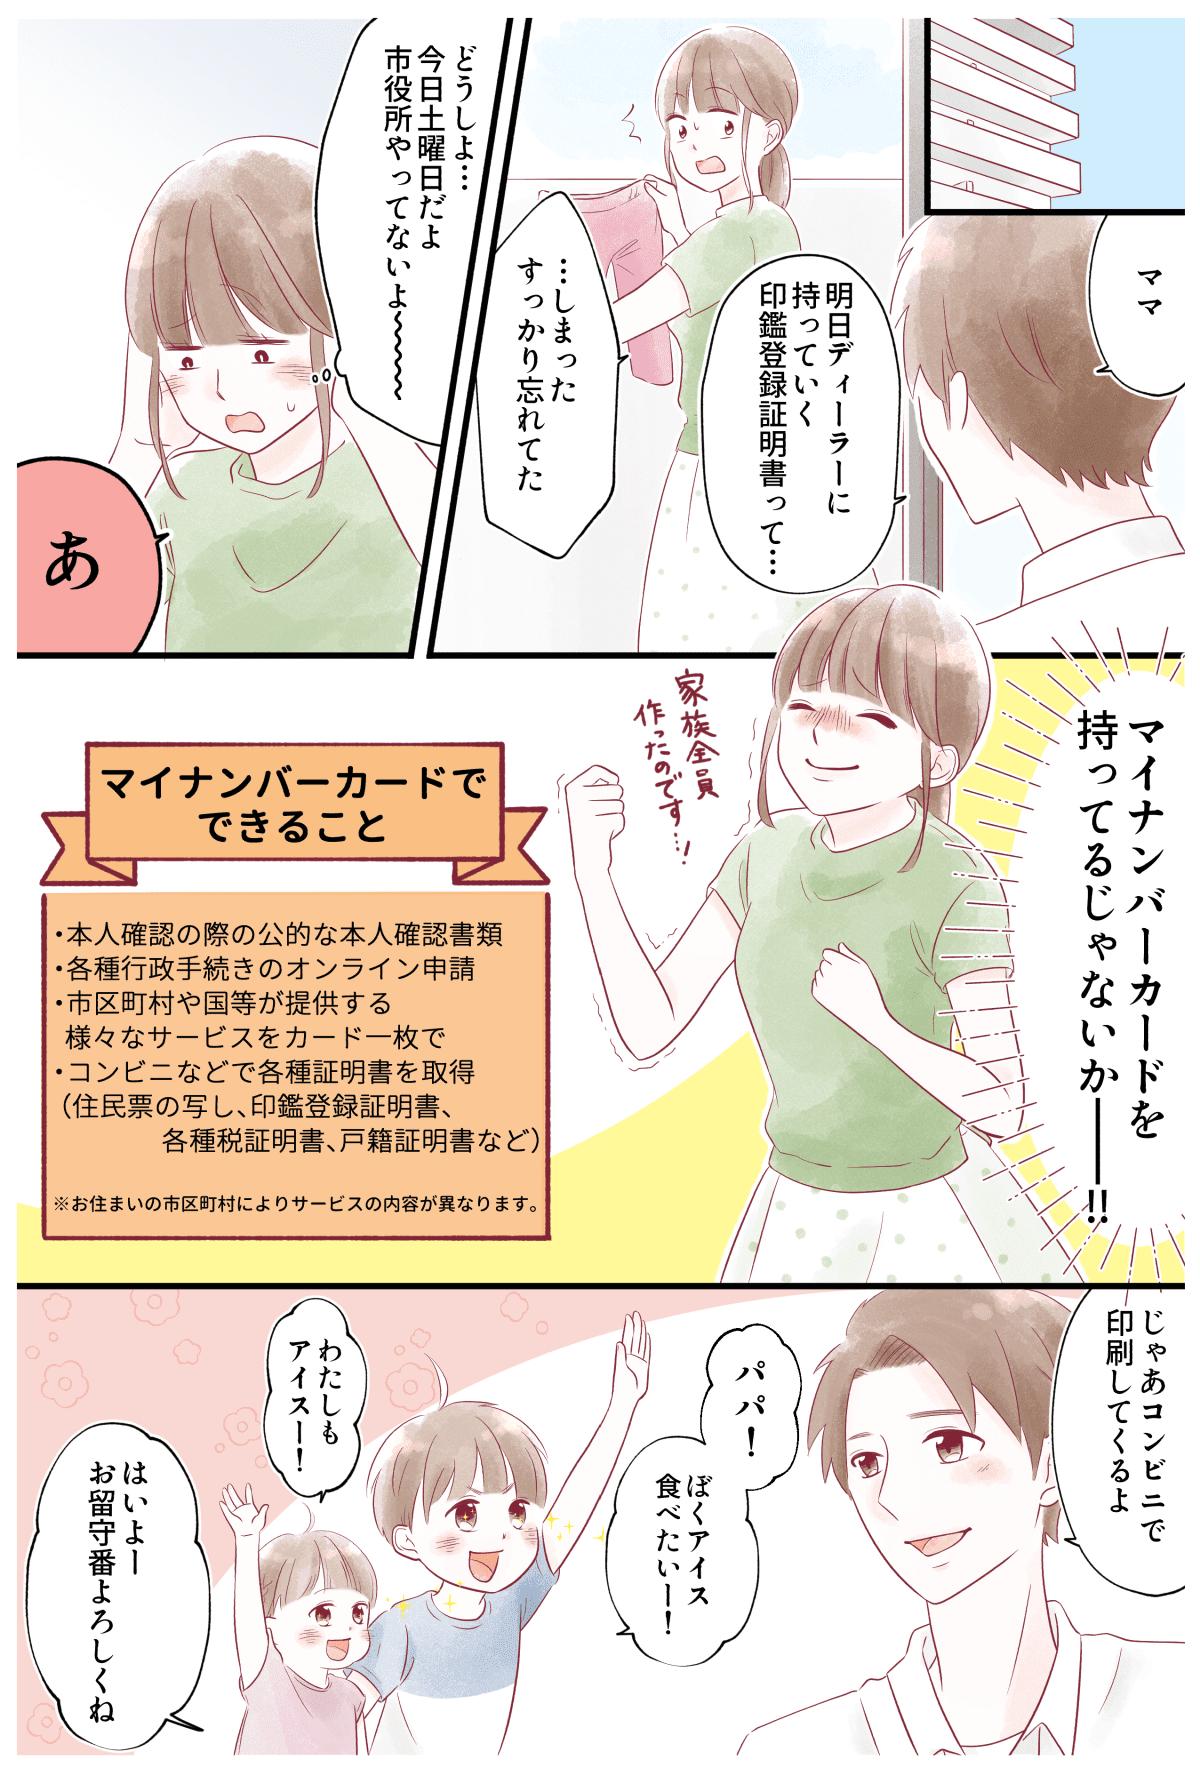 マイナンバーカード4改